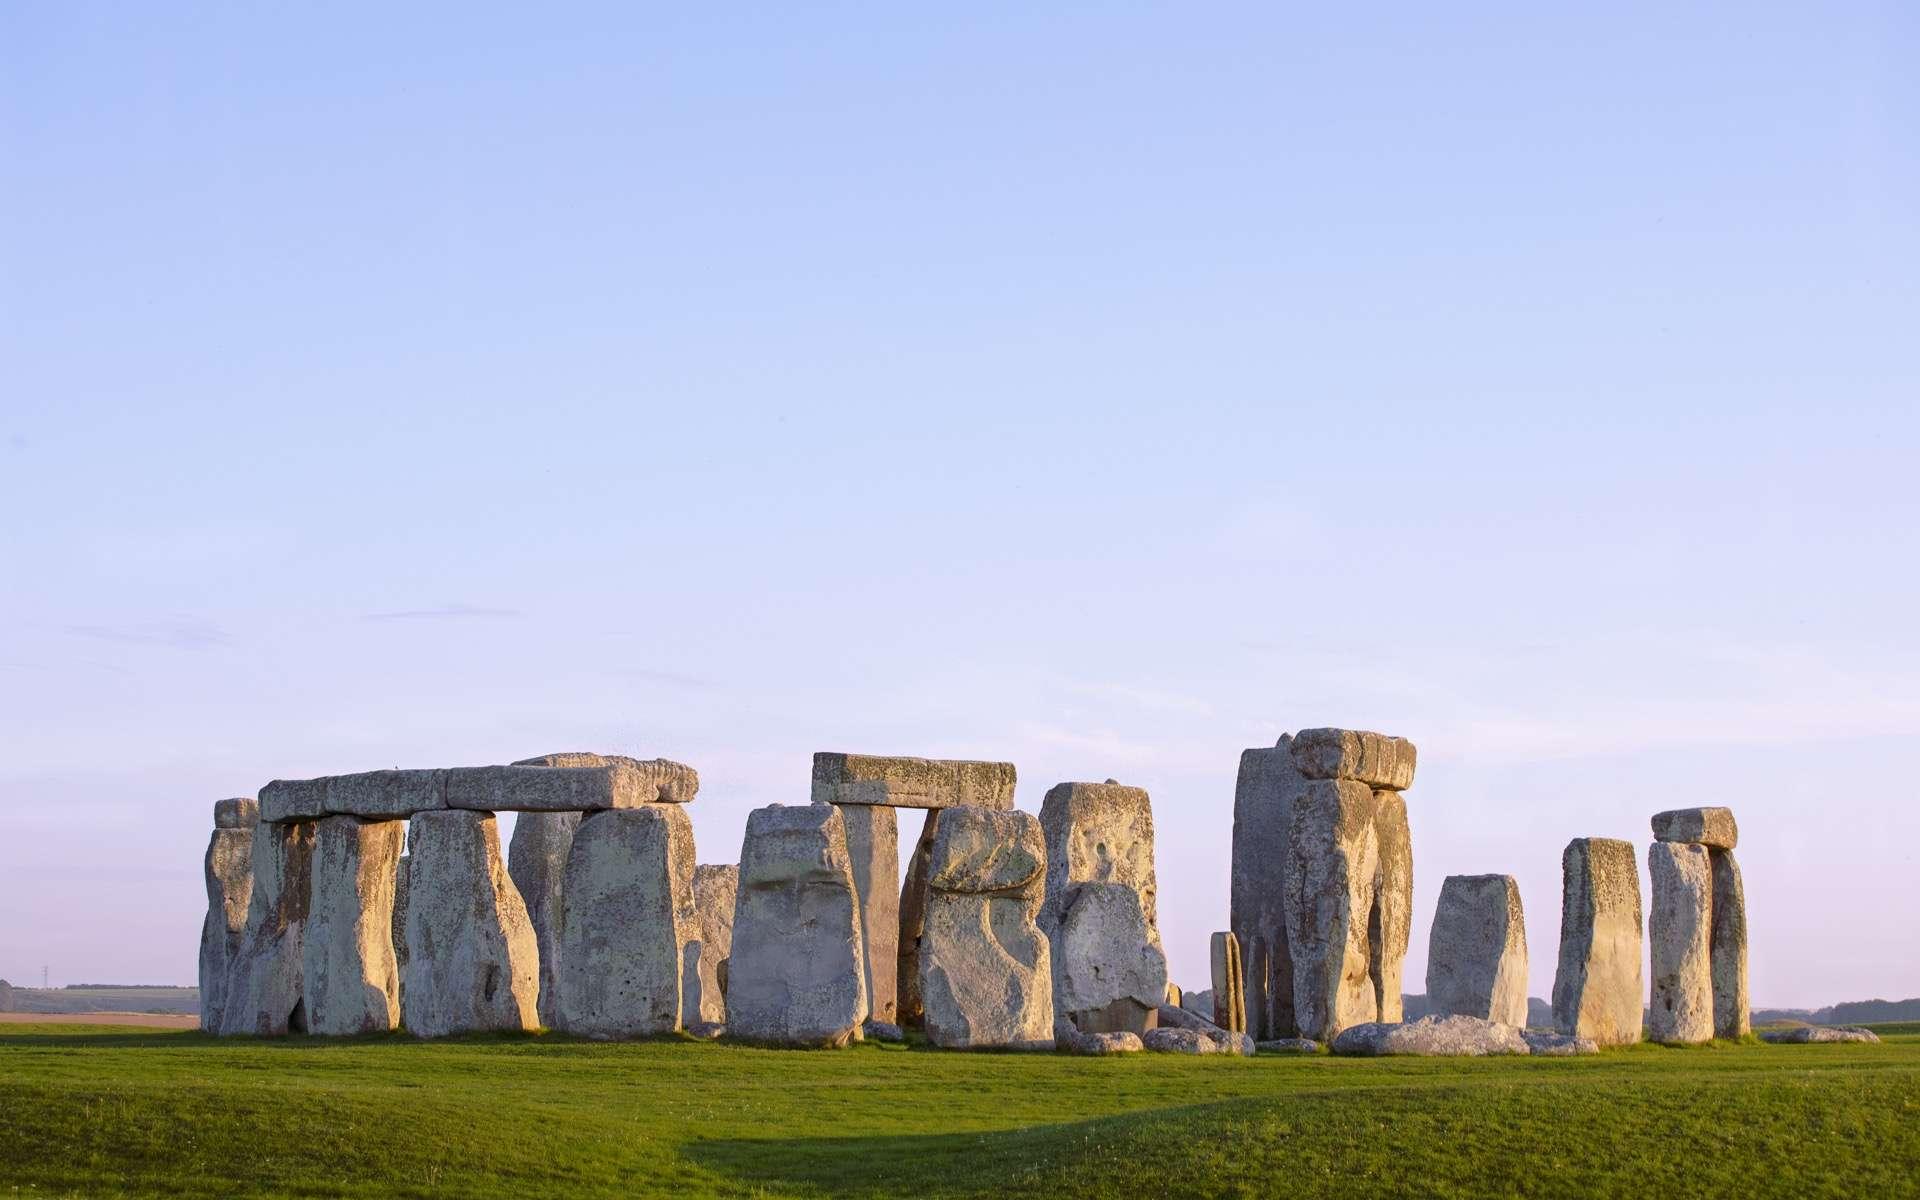 Avec la mise au jour d'une structure préhistorique, unique, découverte non loin du site de Stonehenge, les archéologues n'en finissent pas de découvrir de nouveaux indices sur le passé de nos ancêtres. © MindestensM, Adobe Stock